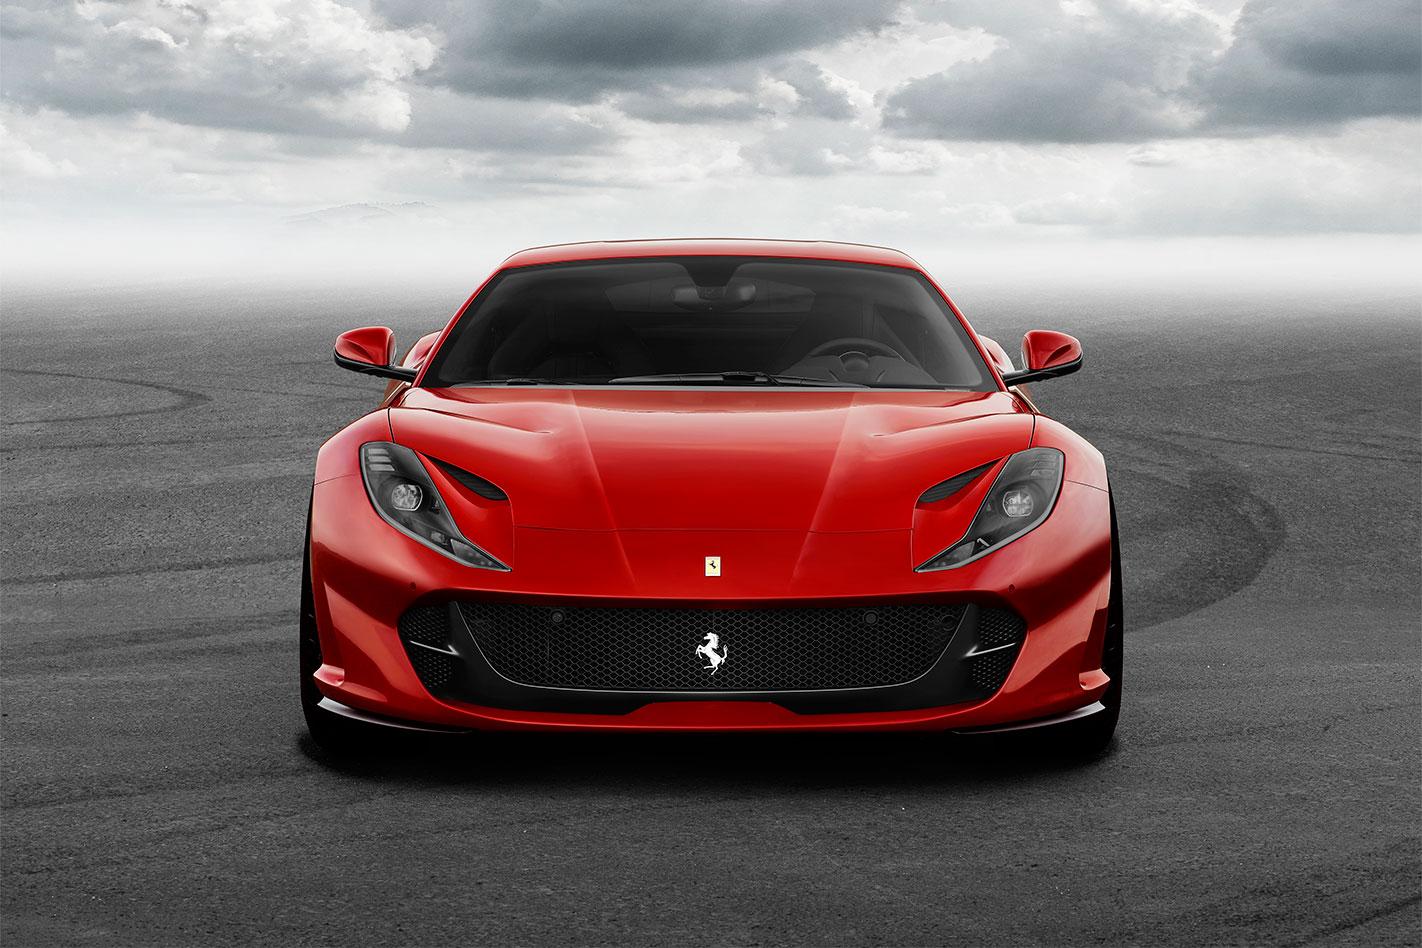 2017 Ferrari 812 Superfast nose